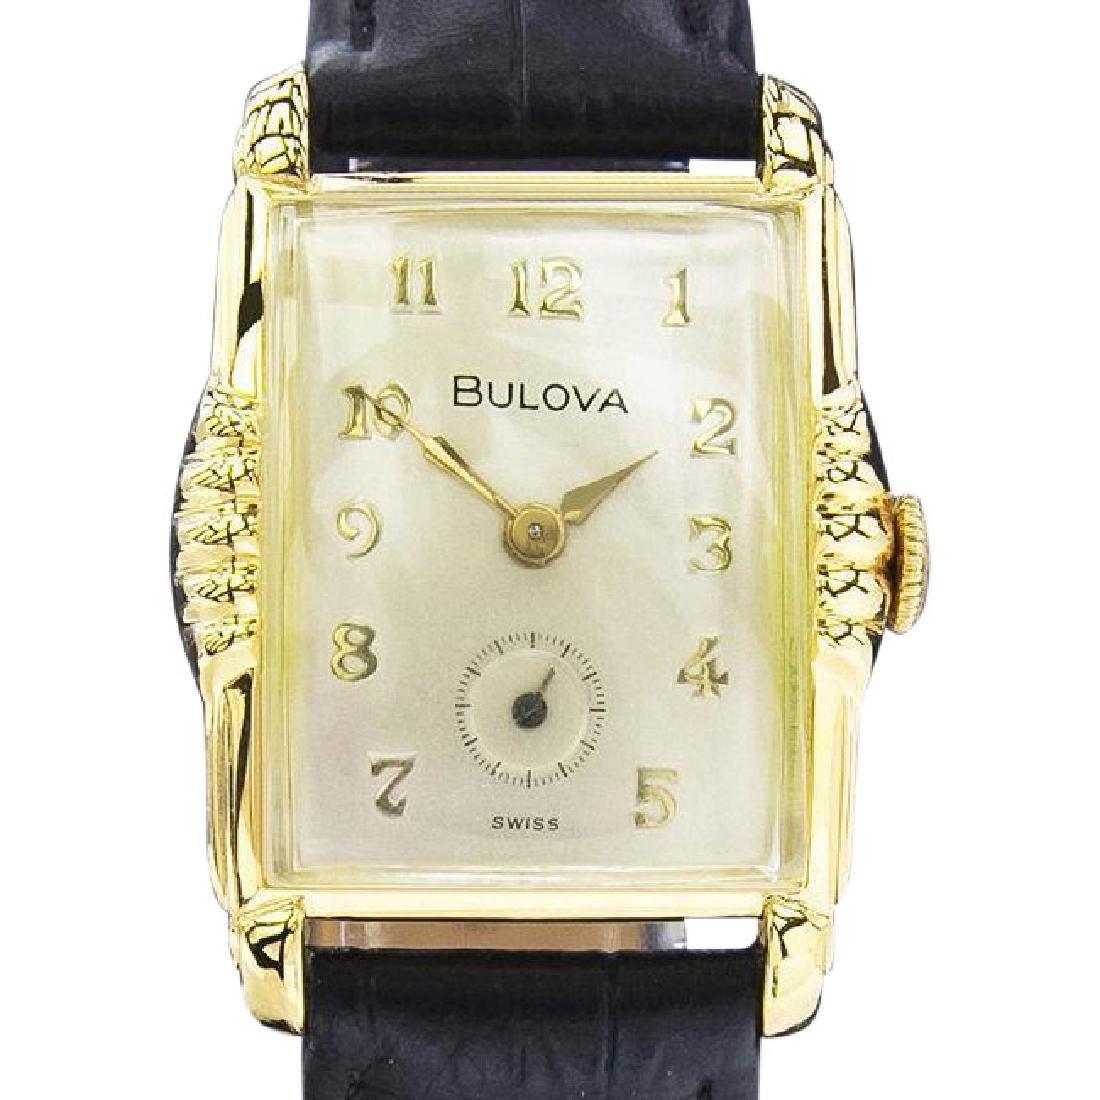 BULOVA | L4 Model | 1940s